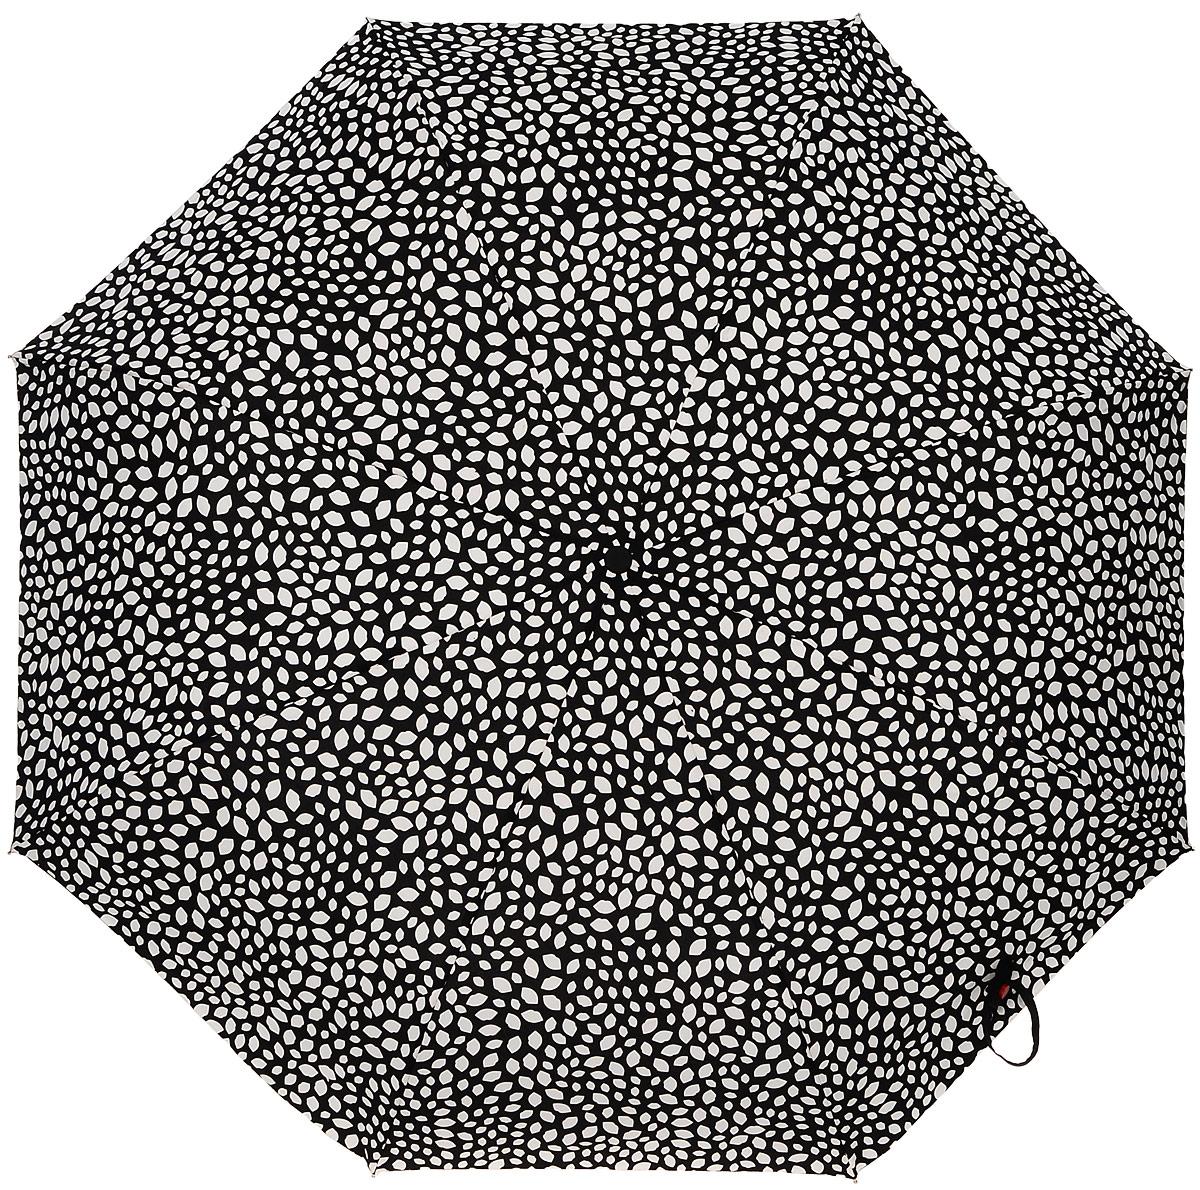 Зонт женский Lulu Guinness Superlite, механический, 3 сложения, цвет: черный, белый. L781-3149CX1516-50-10Стильный механический зонт Lulu Guinness Superlite в 3 сложения даже в ненастную погоду позволит вам оставаться элегантной. Облегченный каркас зонта выполнен из 8 спиц из фибергласса и алюминия, стержень также изготовлен из алюминия, удобная рукоятка - из пластика. Купол зонта выполнен из прочного полиэстера. В закрытом виде застегивается хлястиком на кнопке. Яркий оригинальный принт в виде изображения губ поднимет настроение в дождливый день.Зонт механического сложения: купол открывается и закрывается вручную до характерного щелчка.На рукоятке для удобства есть небольшой шнурок, позволяющий надеть зонт на руку тогда, когда это будет необходимо. К зонту прилагается чехол с небольшой нашивкой с названием бренда. Такой зонт компактно располагается в кармане, сумочке, дверке автомобиля.